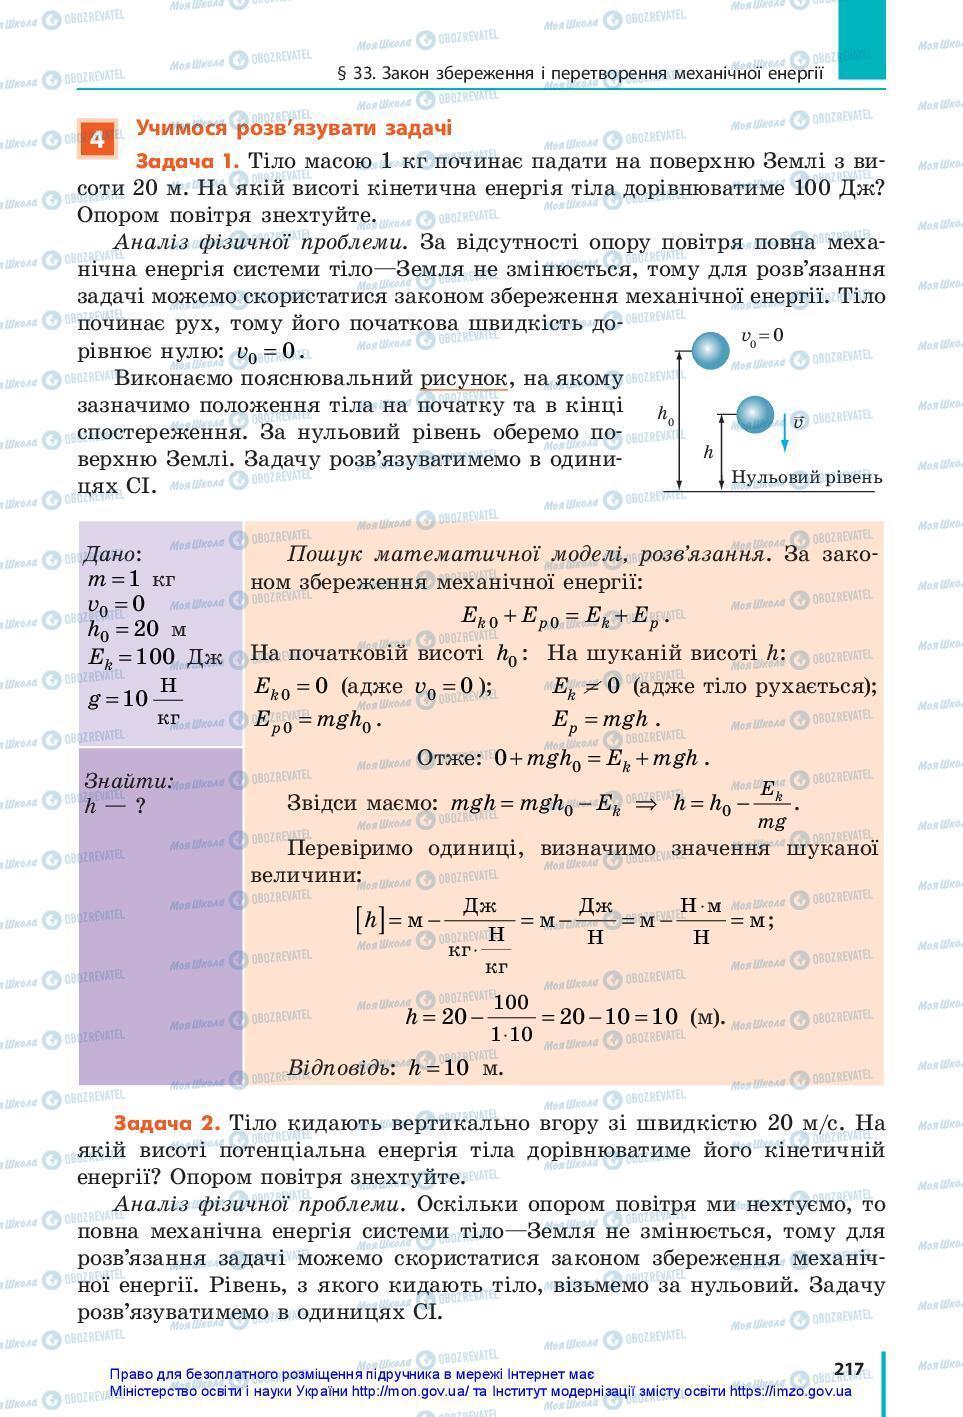 Підручники Фізика 7 клас сторінка 217